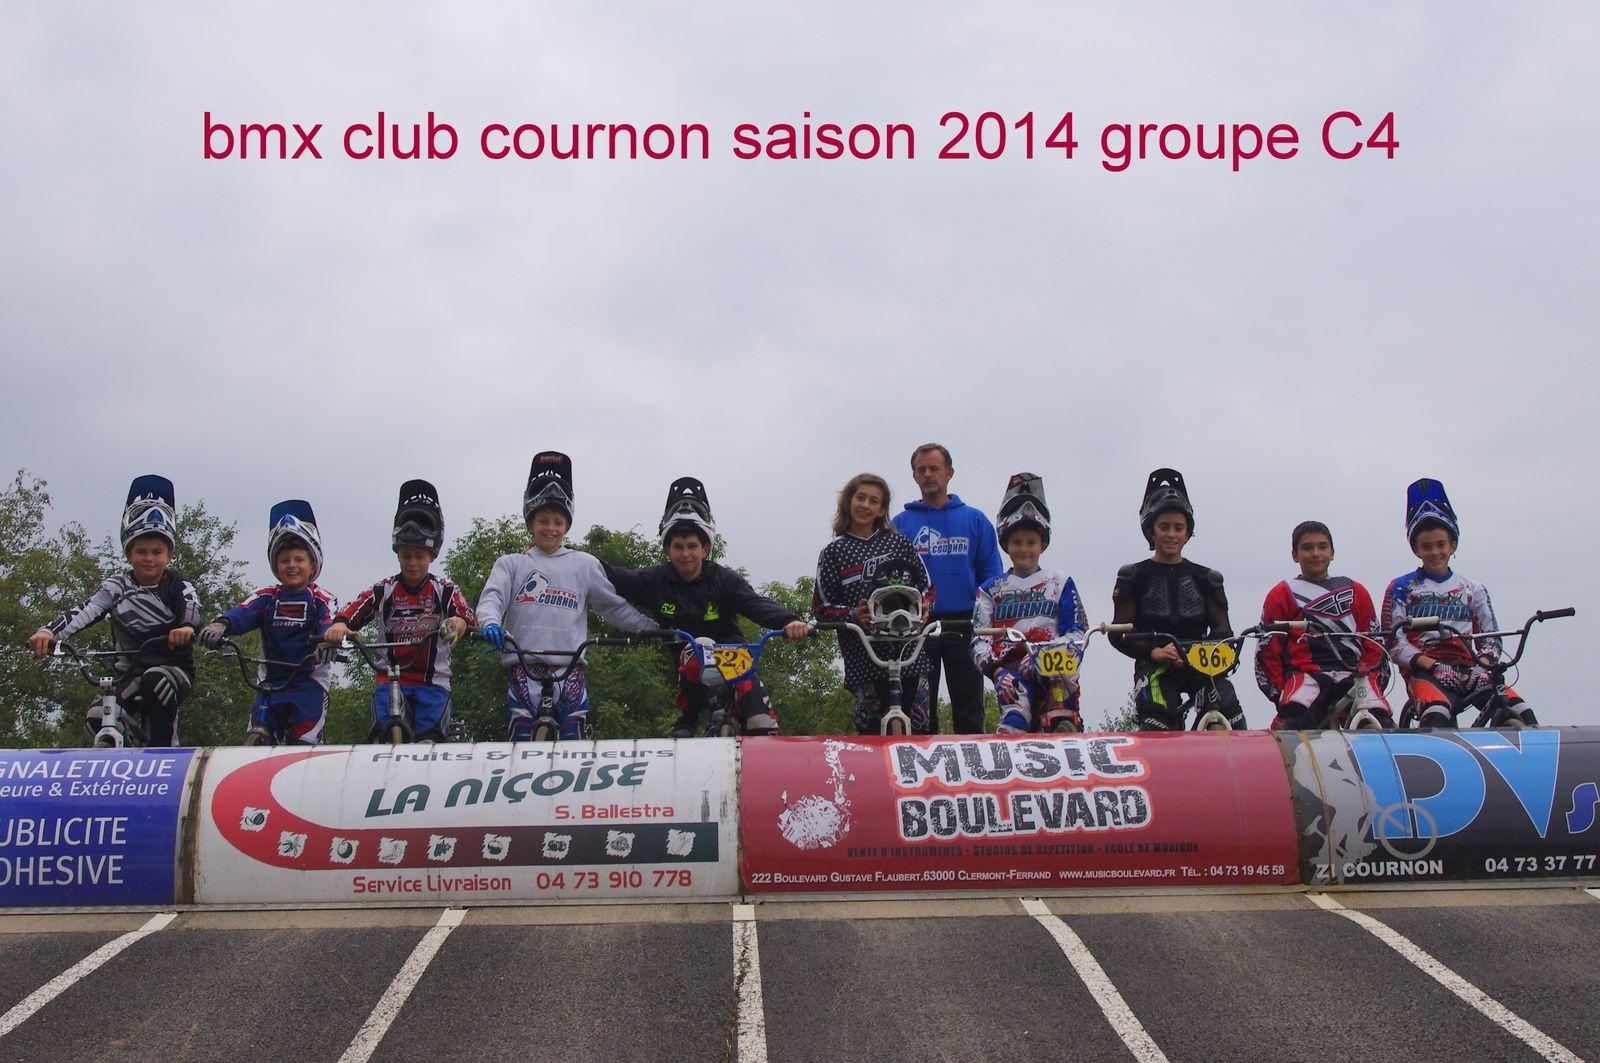 Les pilotes 2014 - 2015